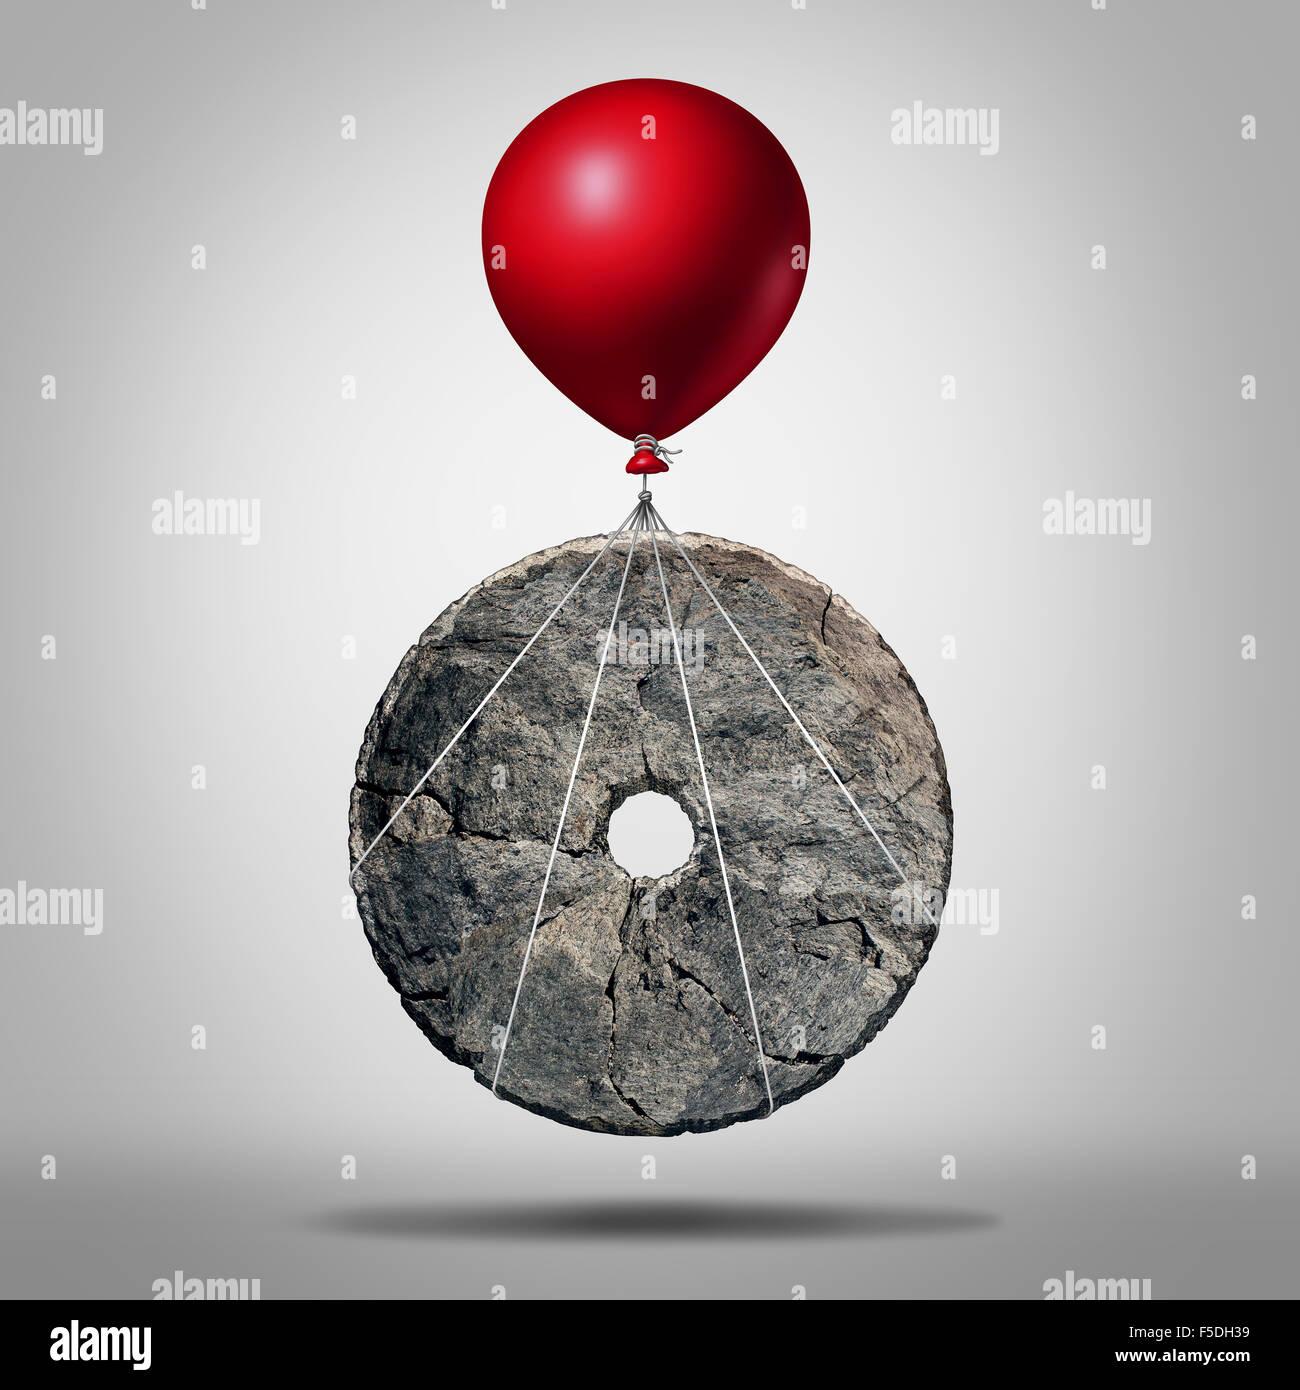 Fortschritt und Erfindung Technologierevolution, Symbol als eine frühe Stein Rad durch einen Ballon als Modernisierung Stockbild